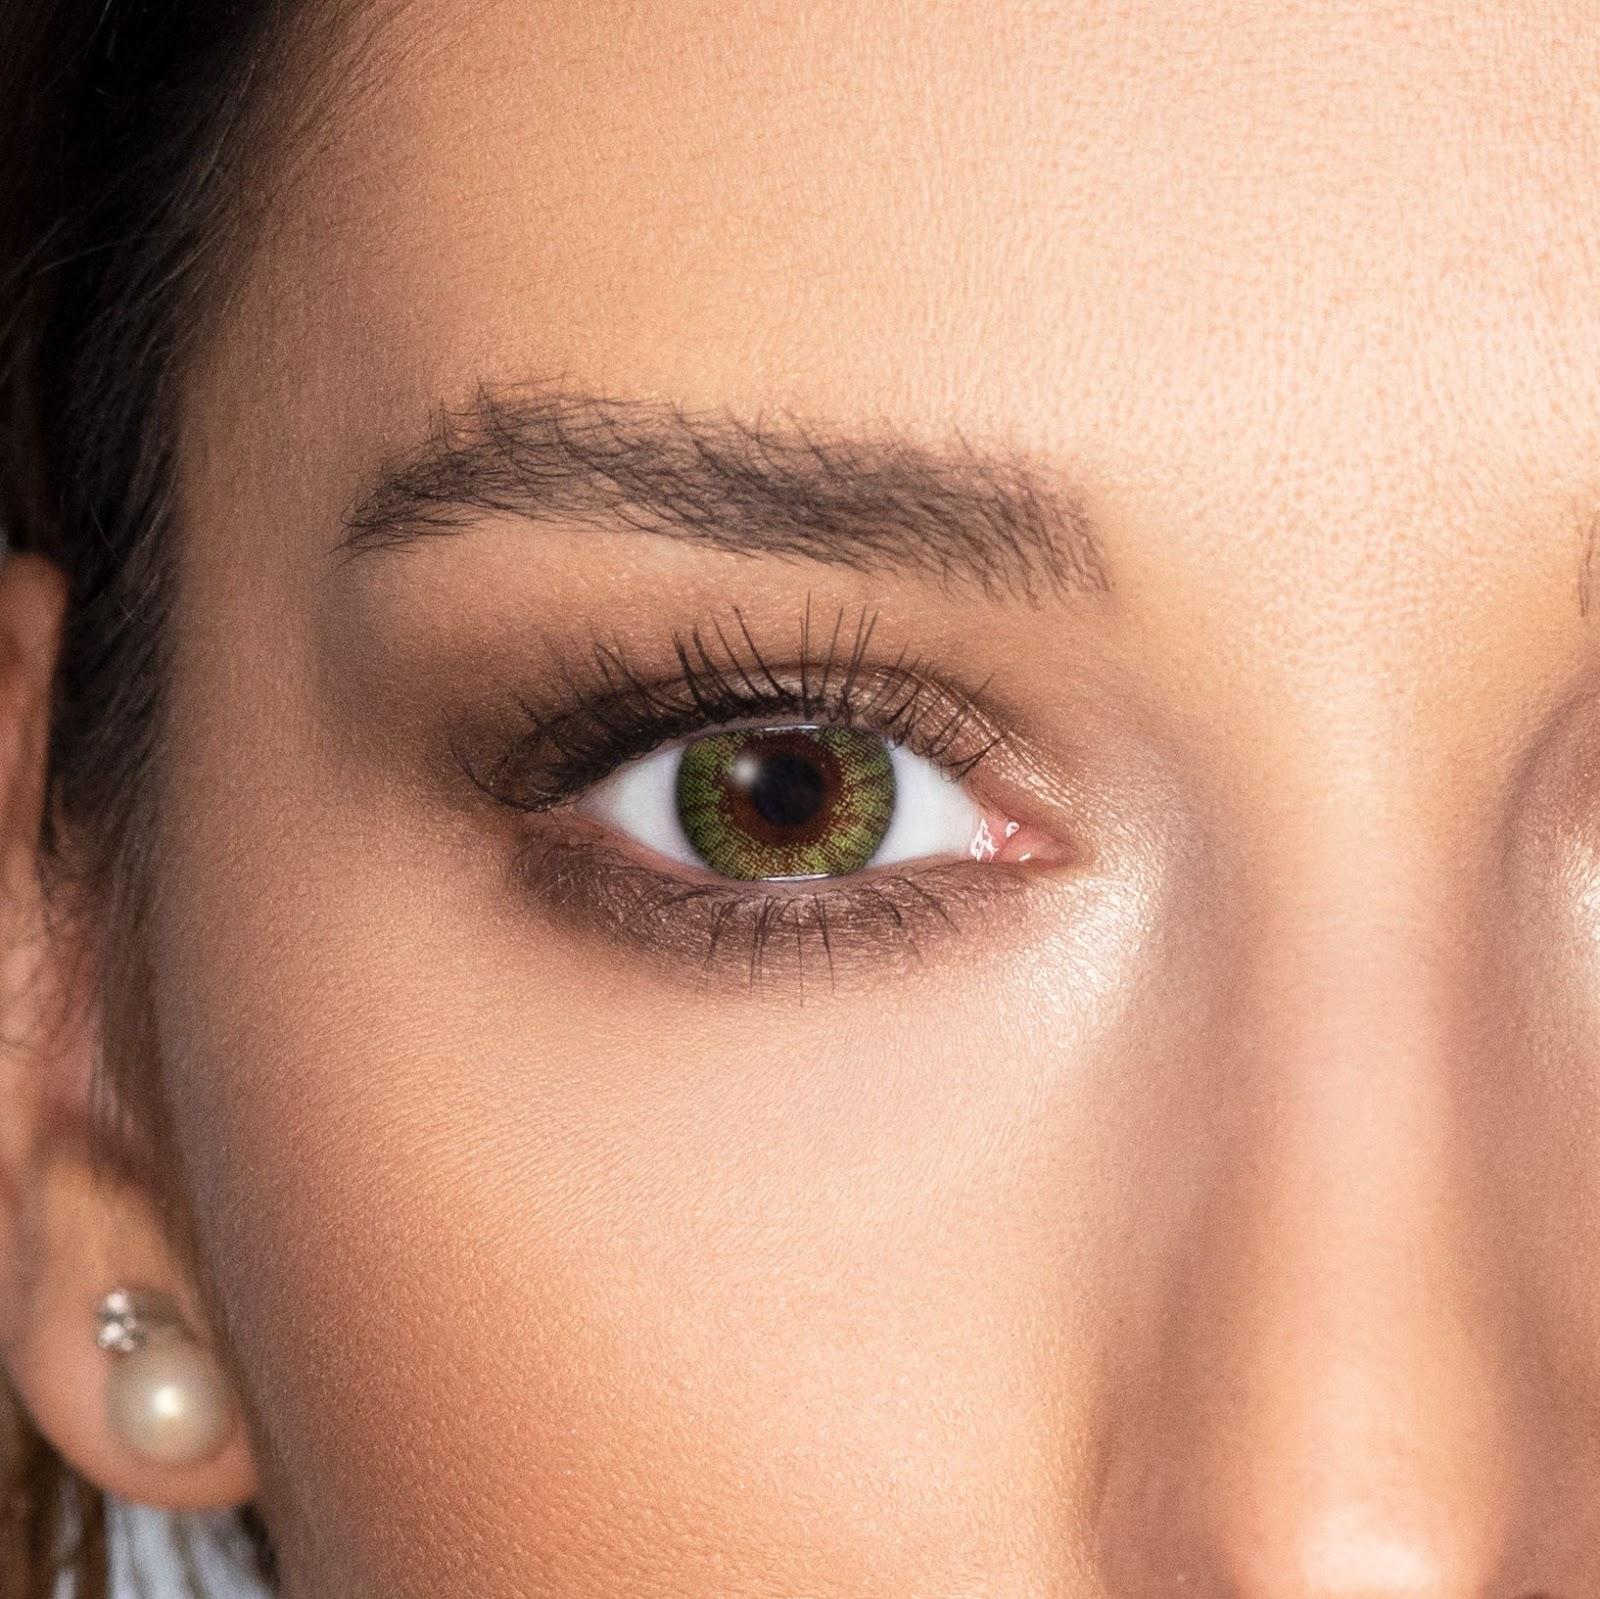 lentile colorate pentru ochi verzi Freshlook colors